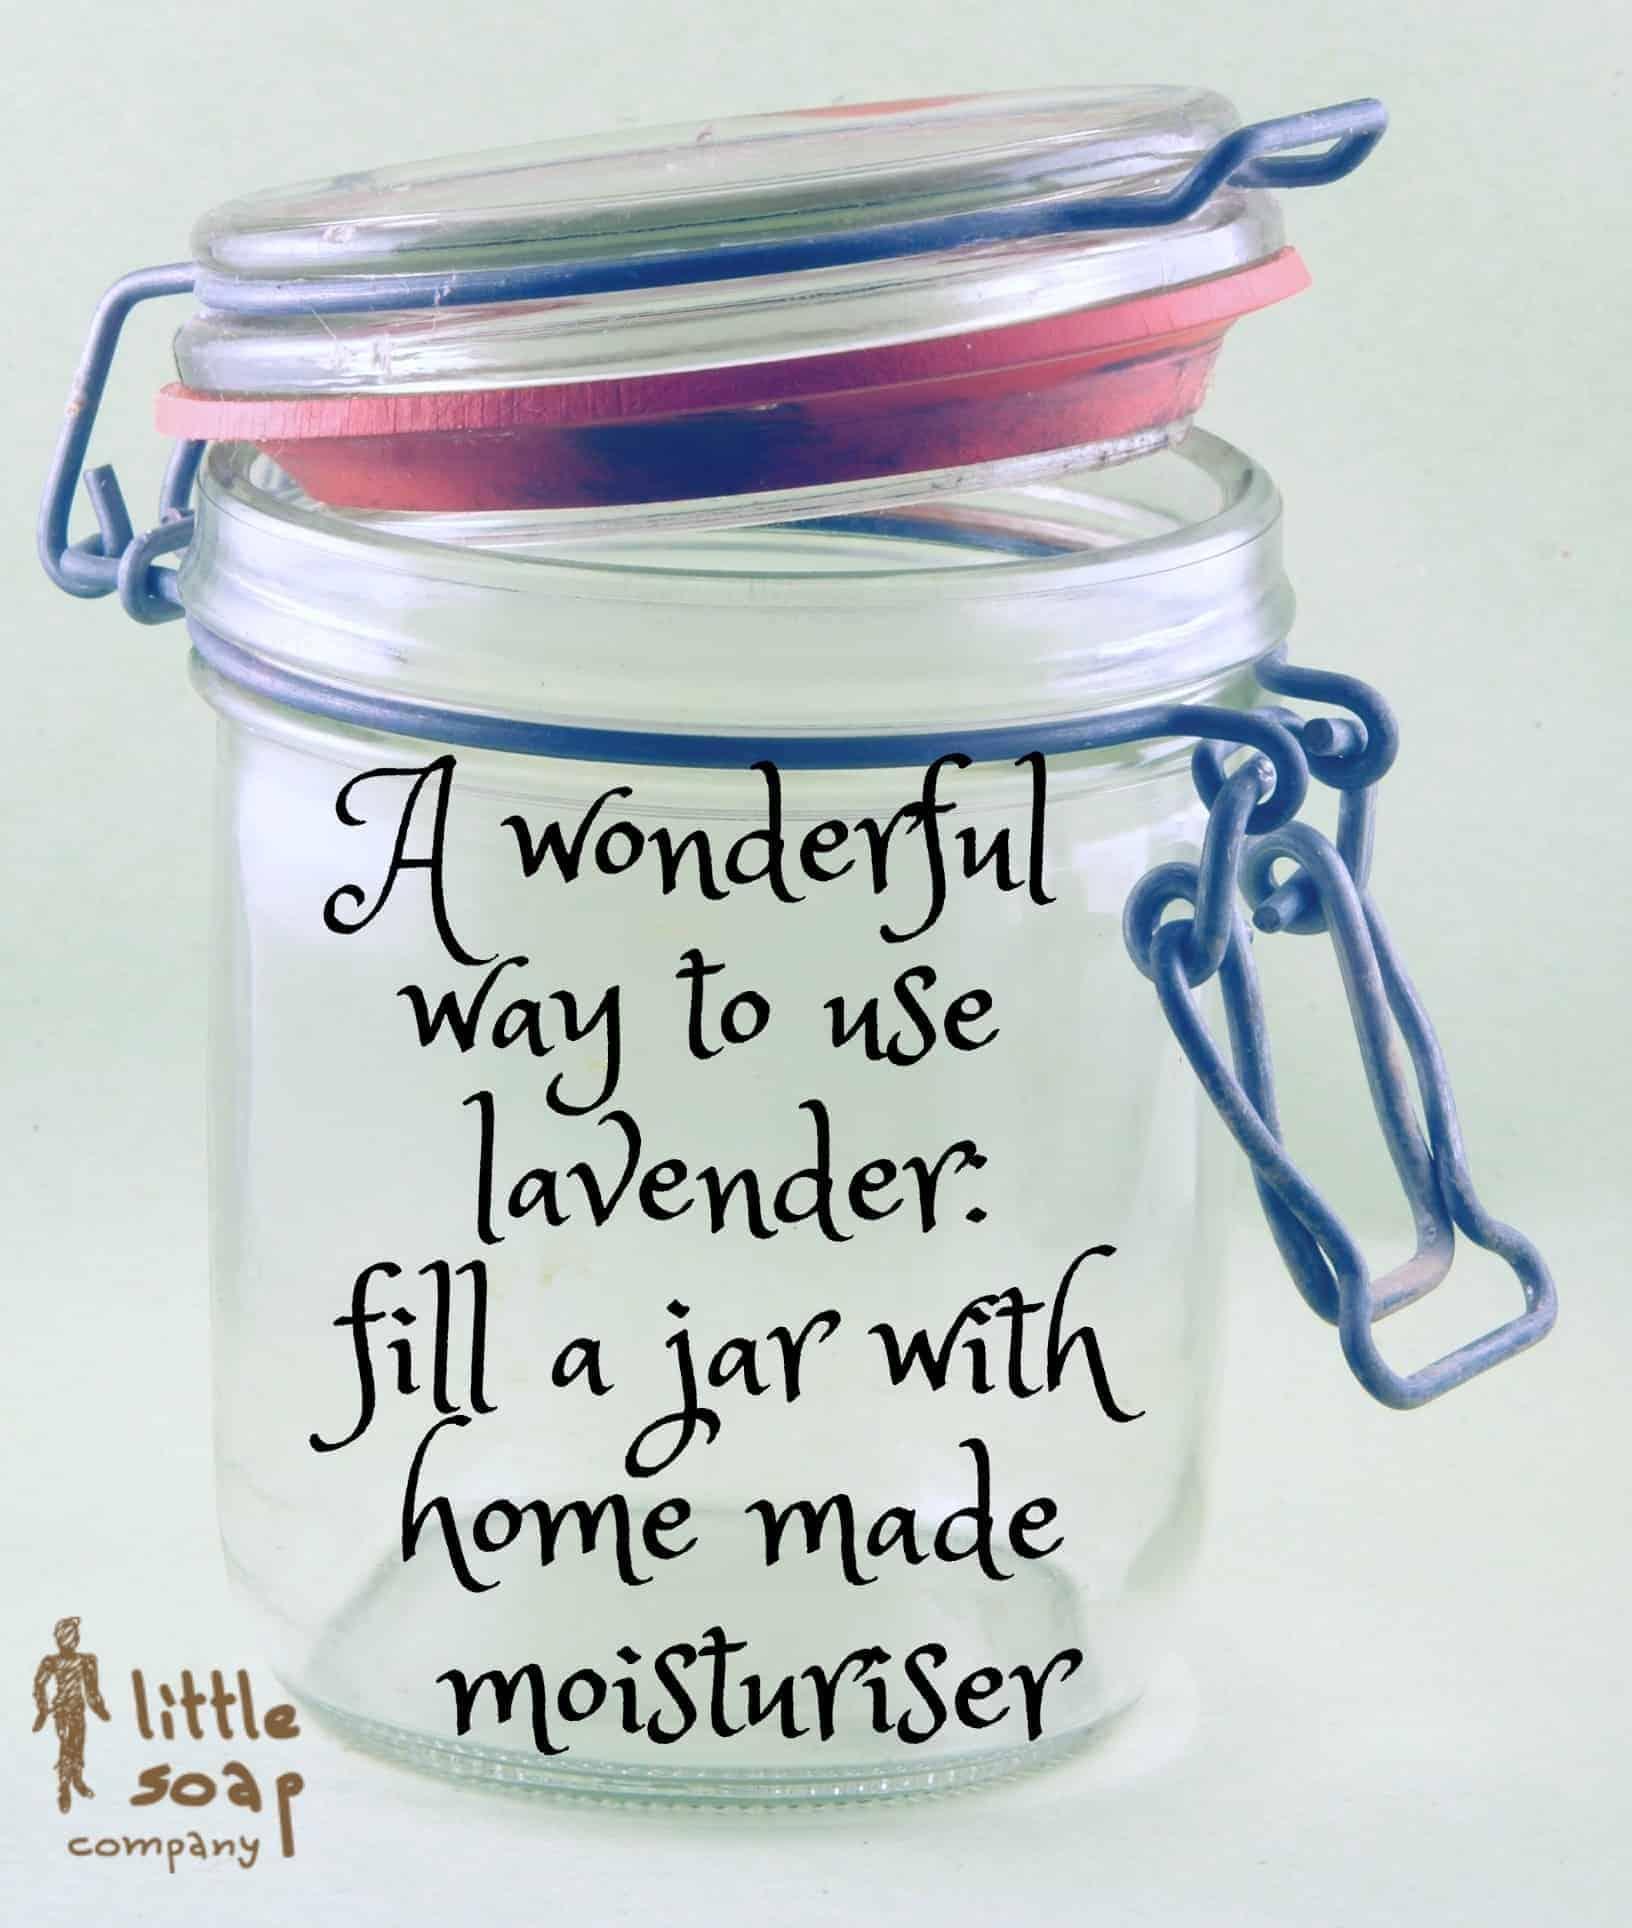 10 wonderful little ways to use lavender~ LittleSoapCompany.co.uk